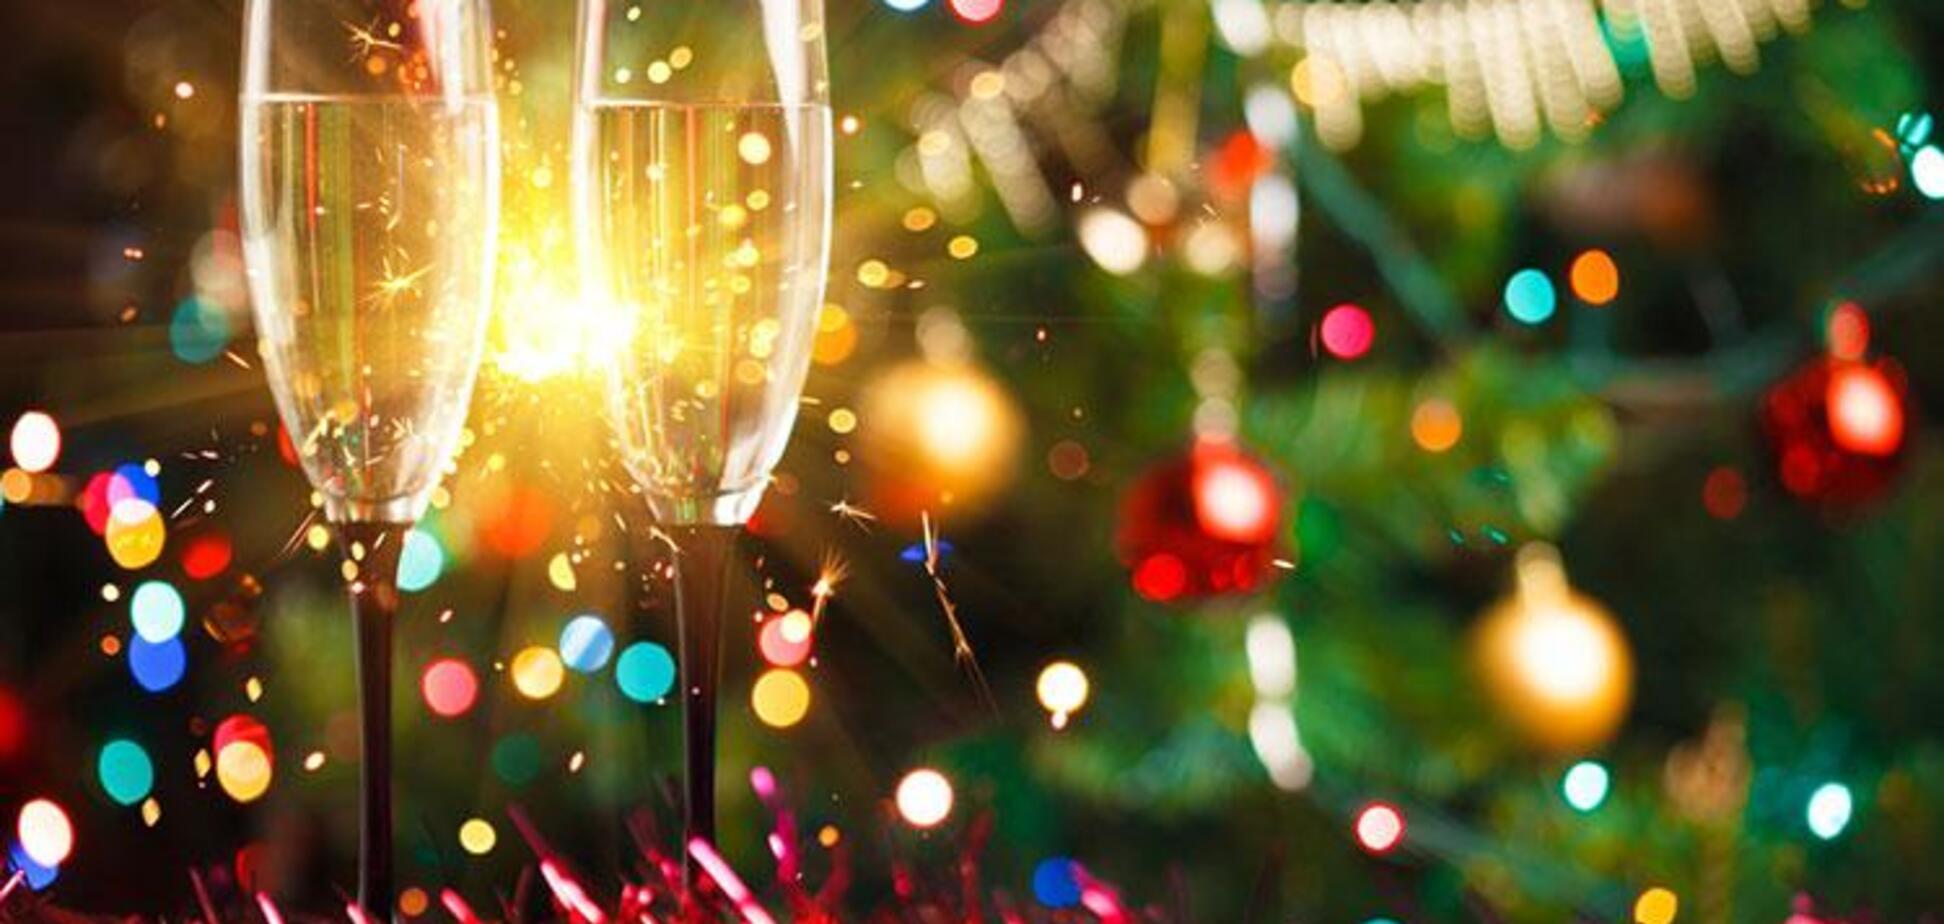 Бажання загадувати заборонено! Астролог попередив про непросту новорічну ніч